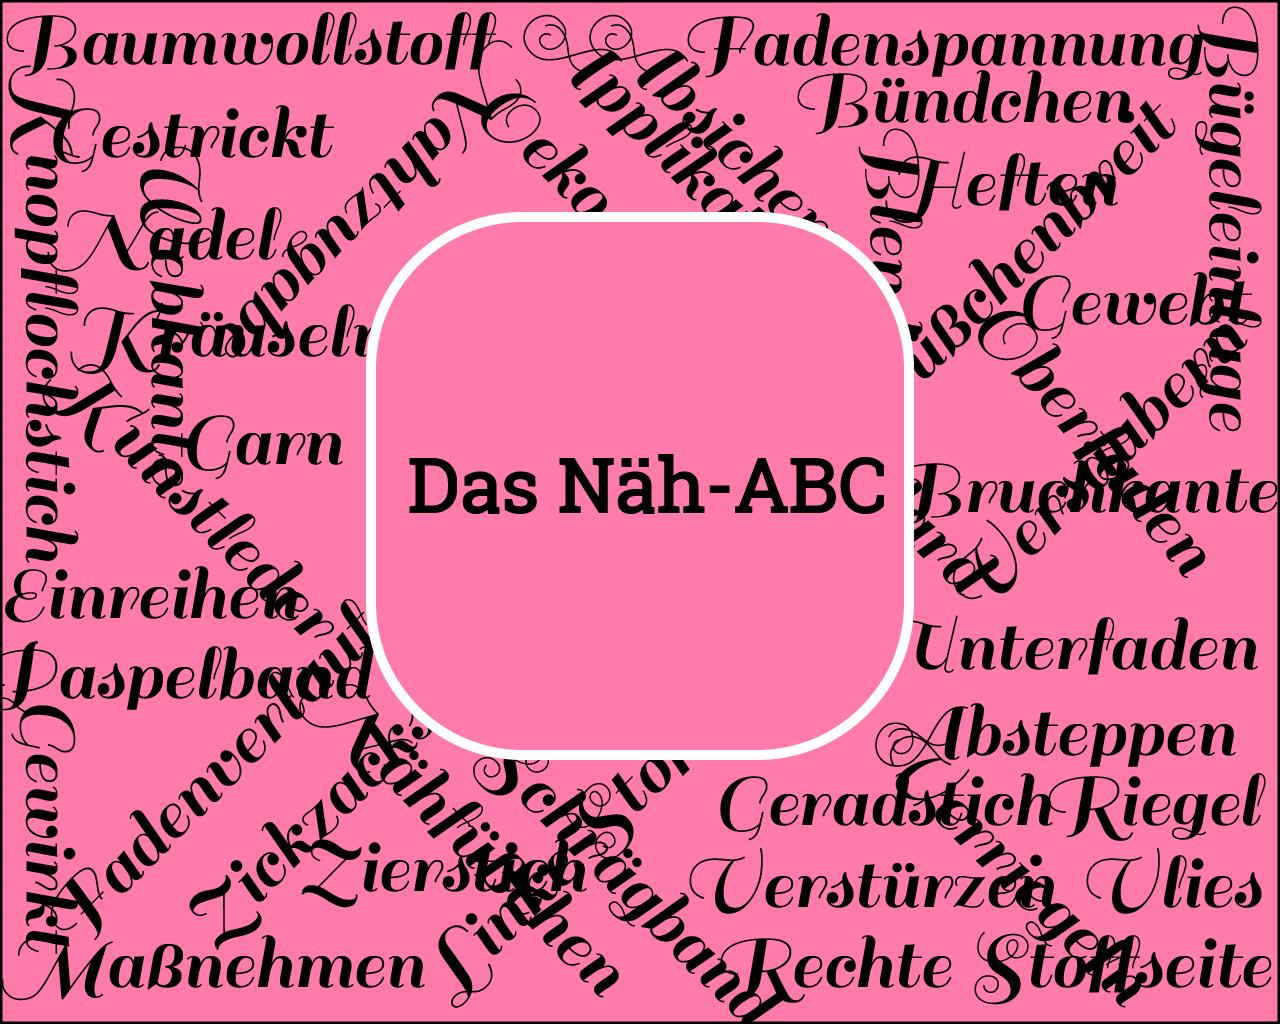 Das Näh-ABC: Stoffbruch, linke und rechte Stoffseite im Nählexikon erklärt